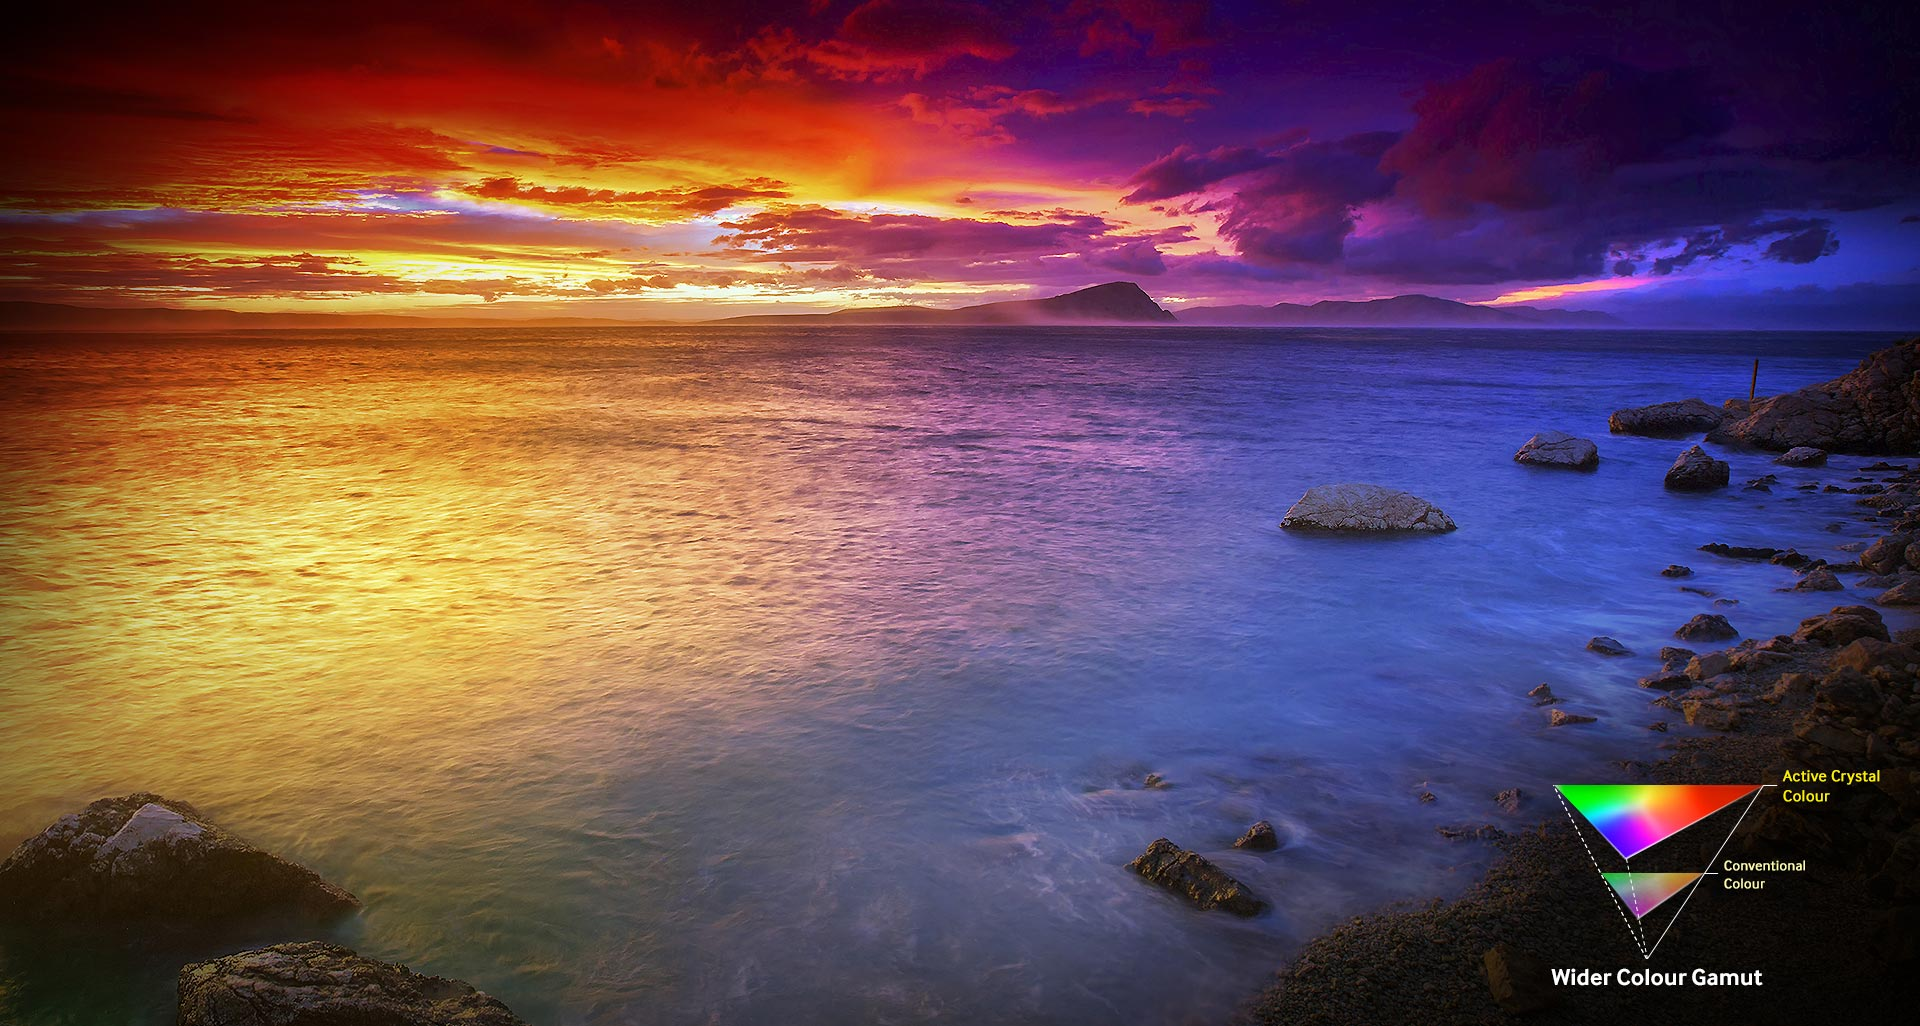 Bucurați-vă de imagini în culorile naturale